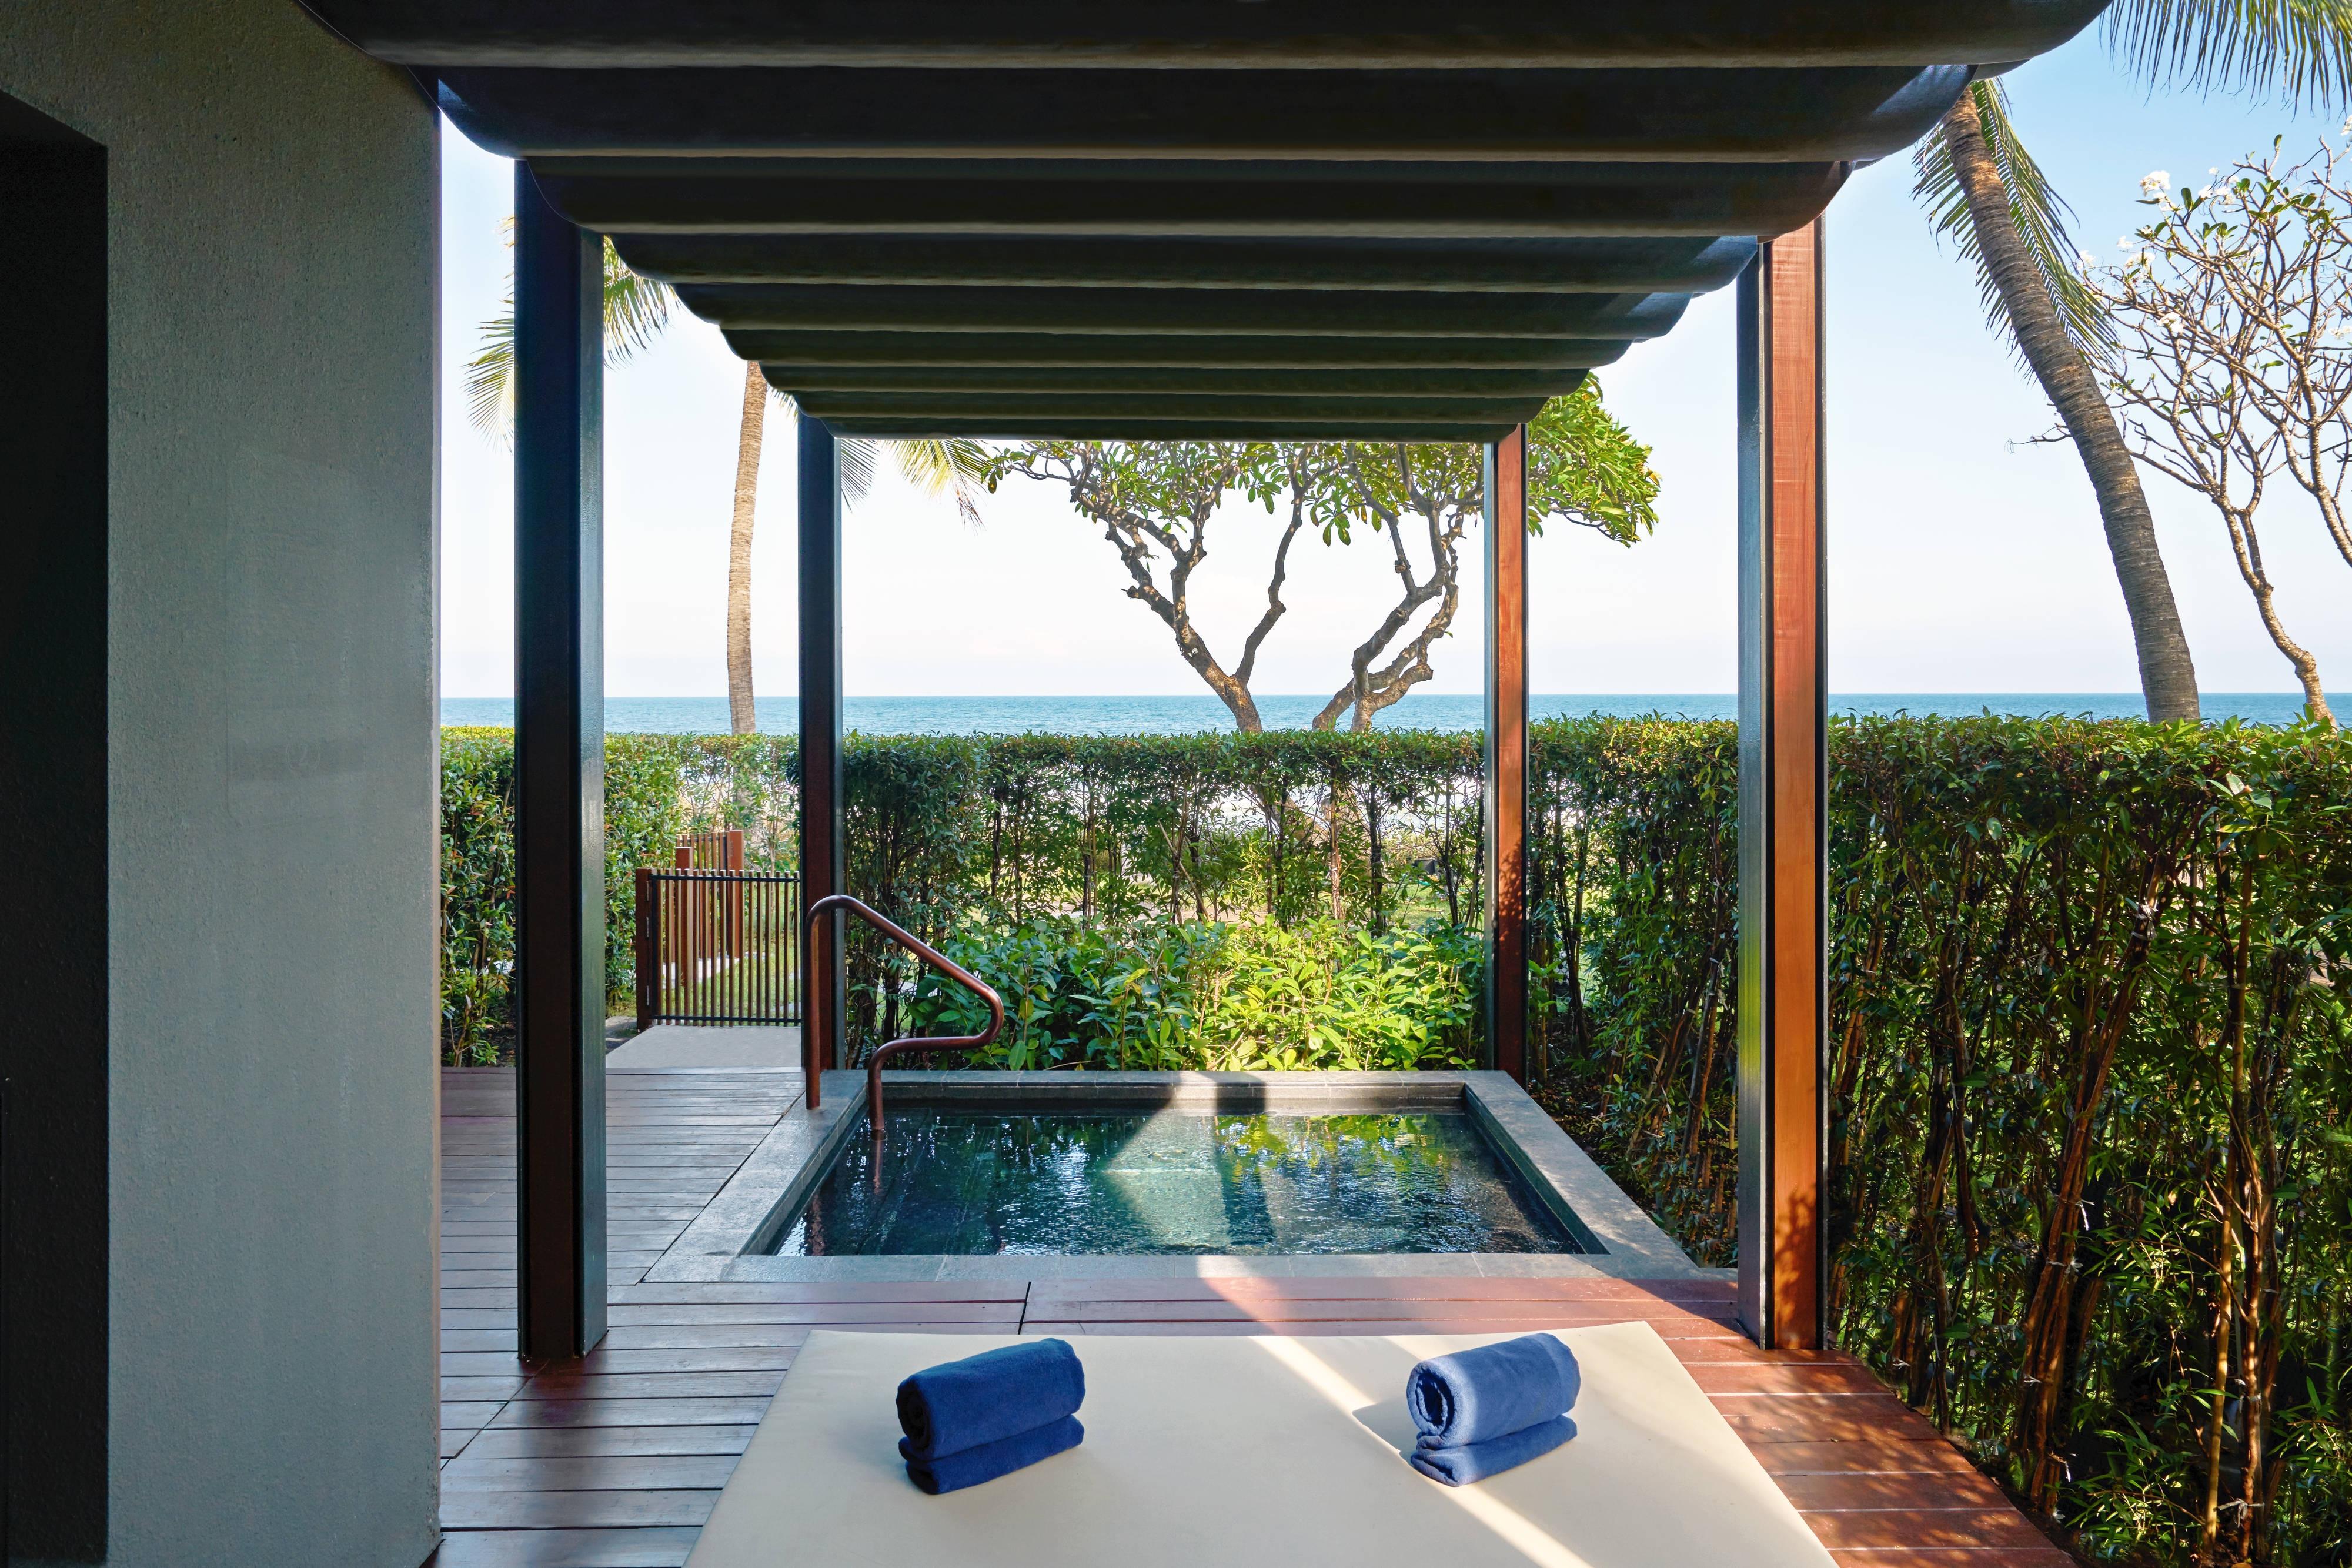 Suite con jardín - Bañera de hidromasajes al aire libre